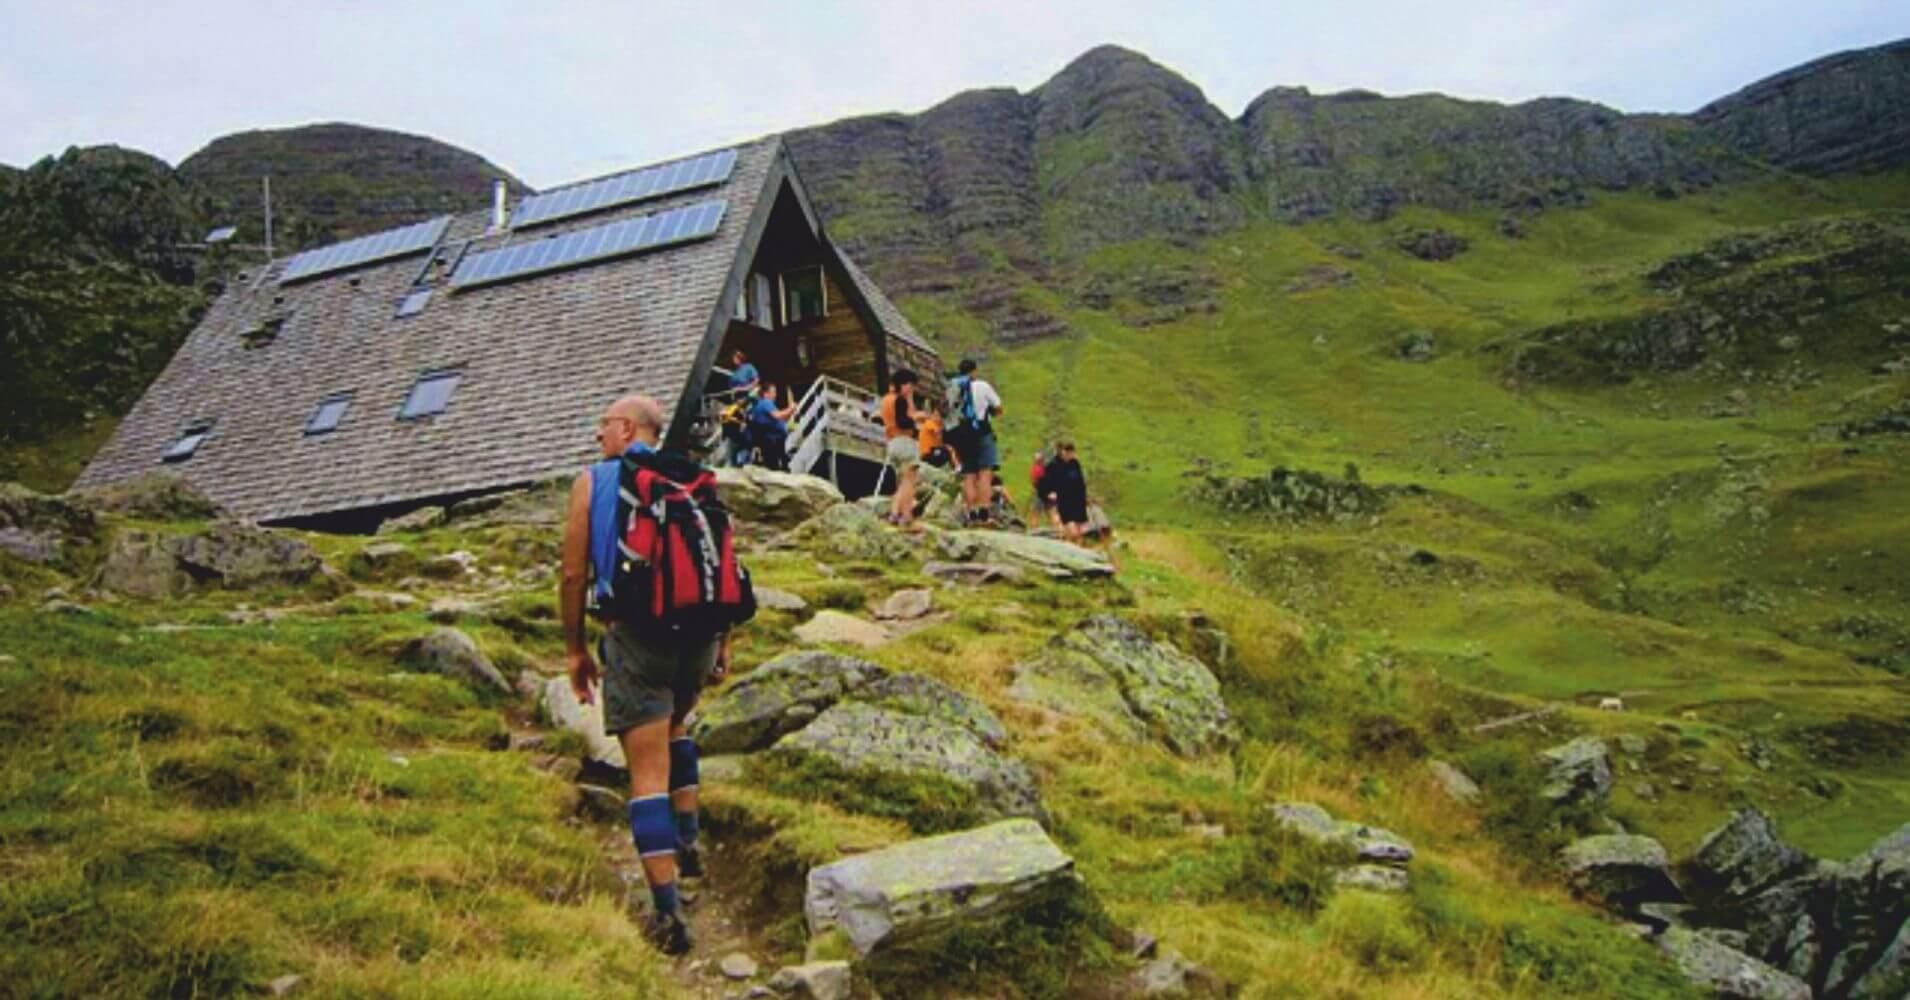 Refugio de Ayous. Parque Nacional de los Pirineos. Nueva Aquitania. Pirineos Atlánticos. Francia.